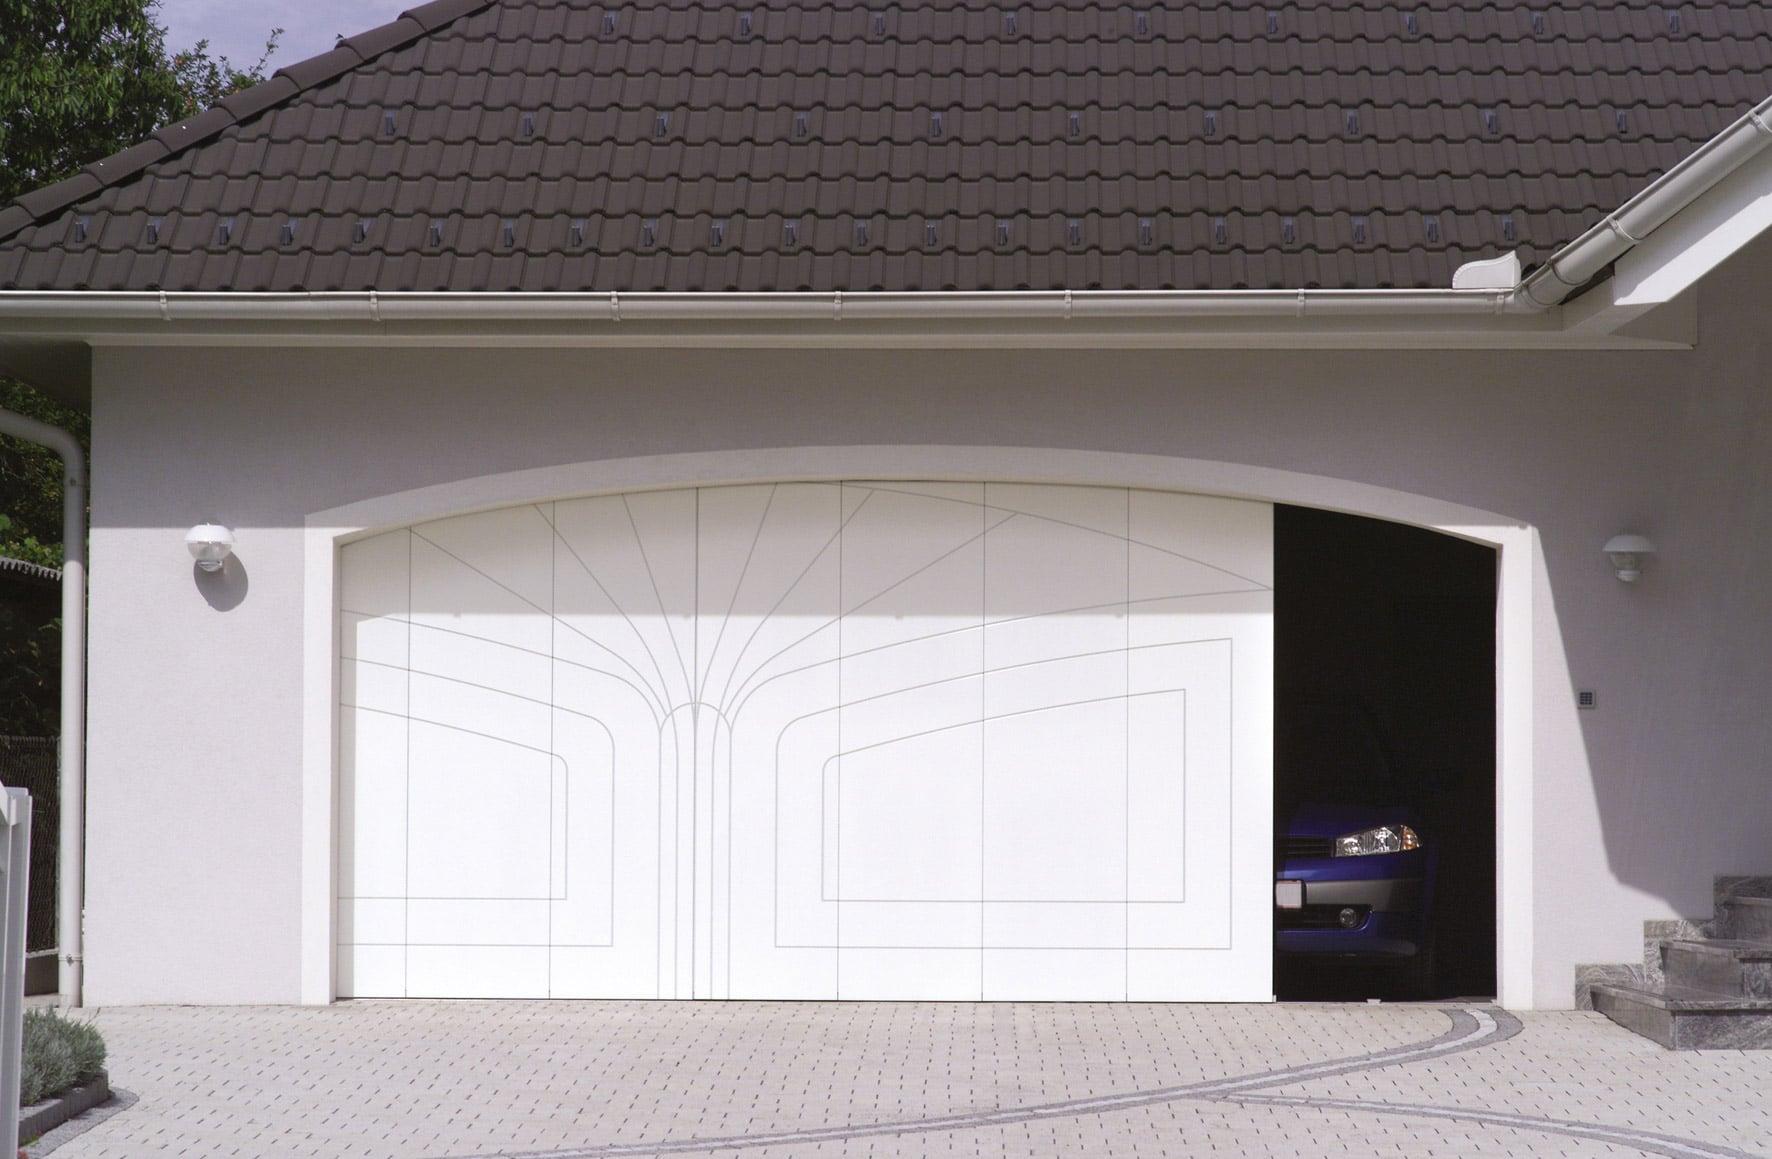 Avalon Premium 01 | leicht geöffnetes Seitensektionaltor weiß mit Muster bei Garage mit Auto | Svoboda Metalltechnik